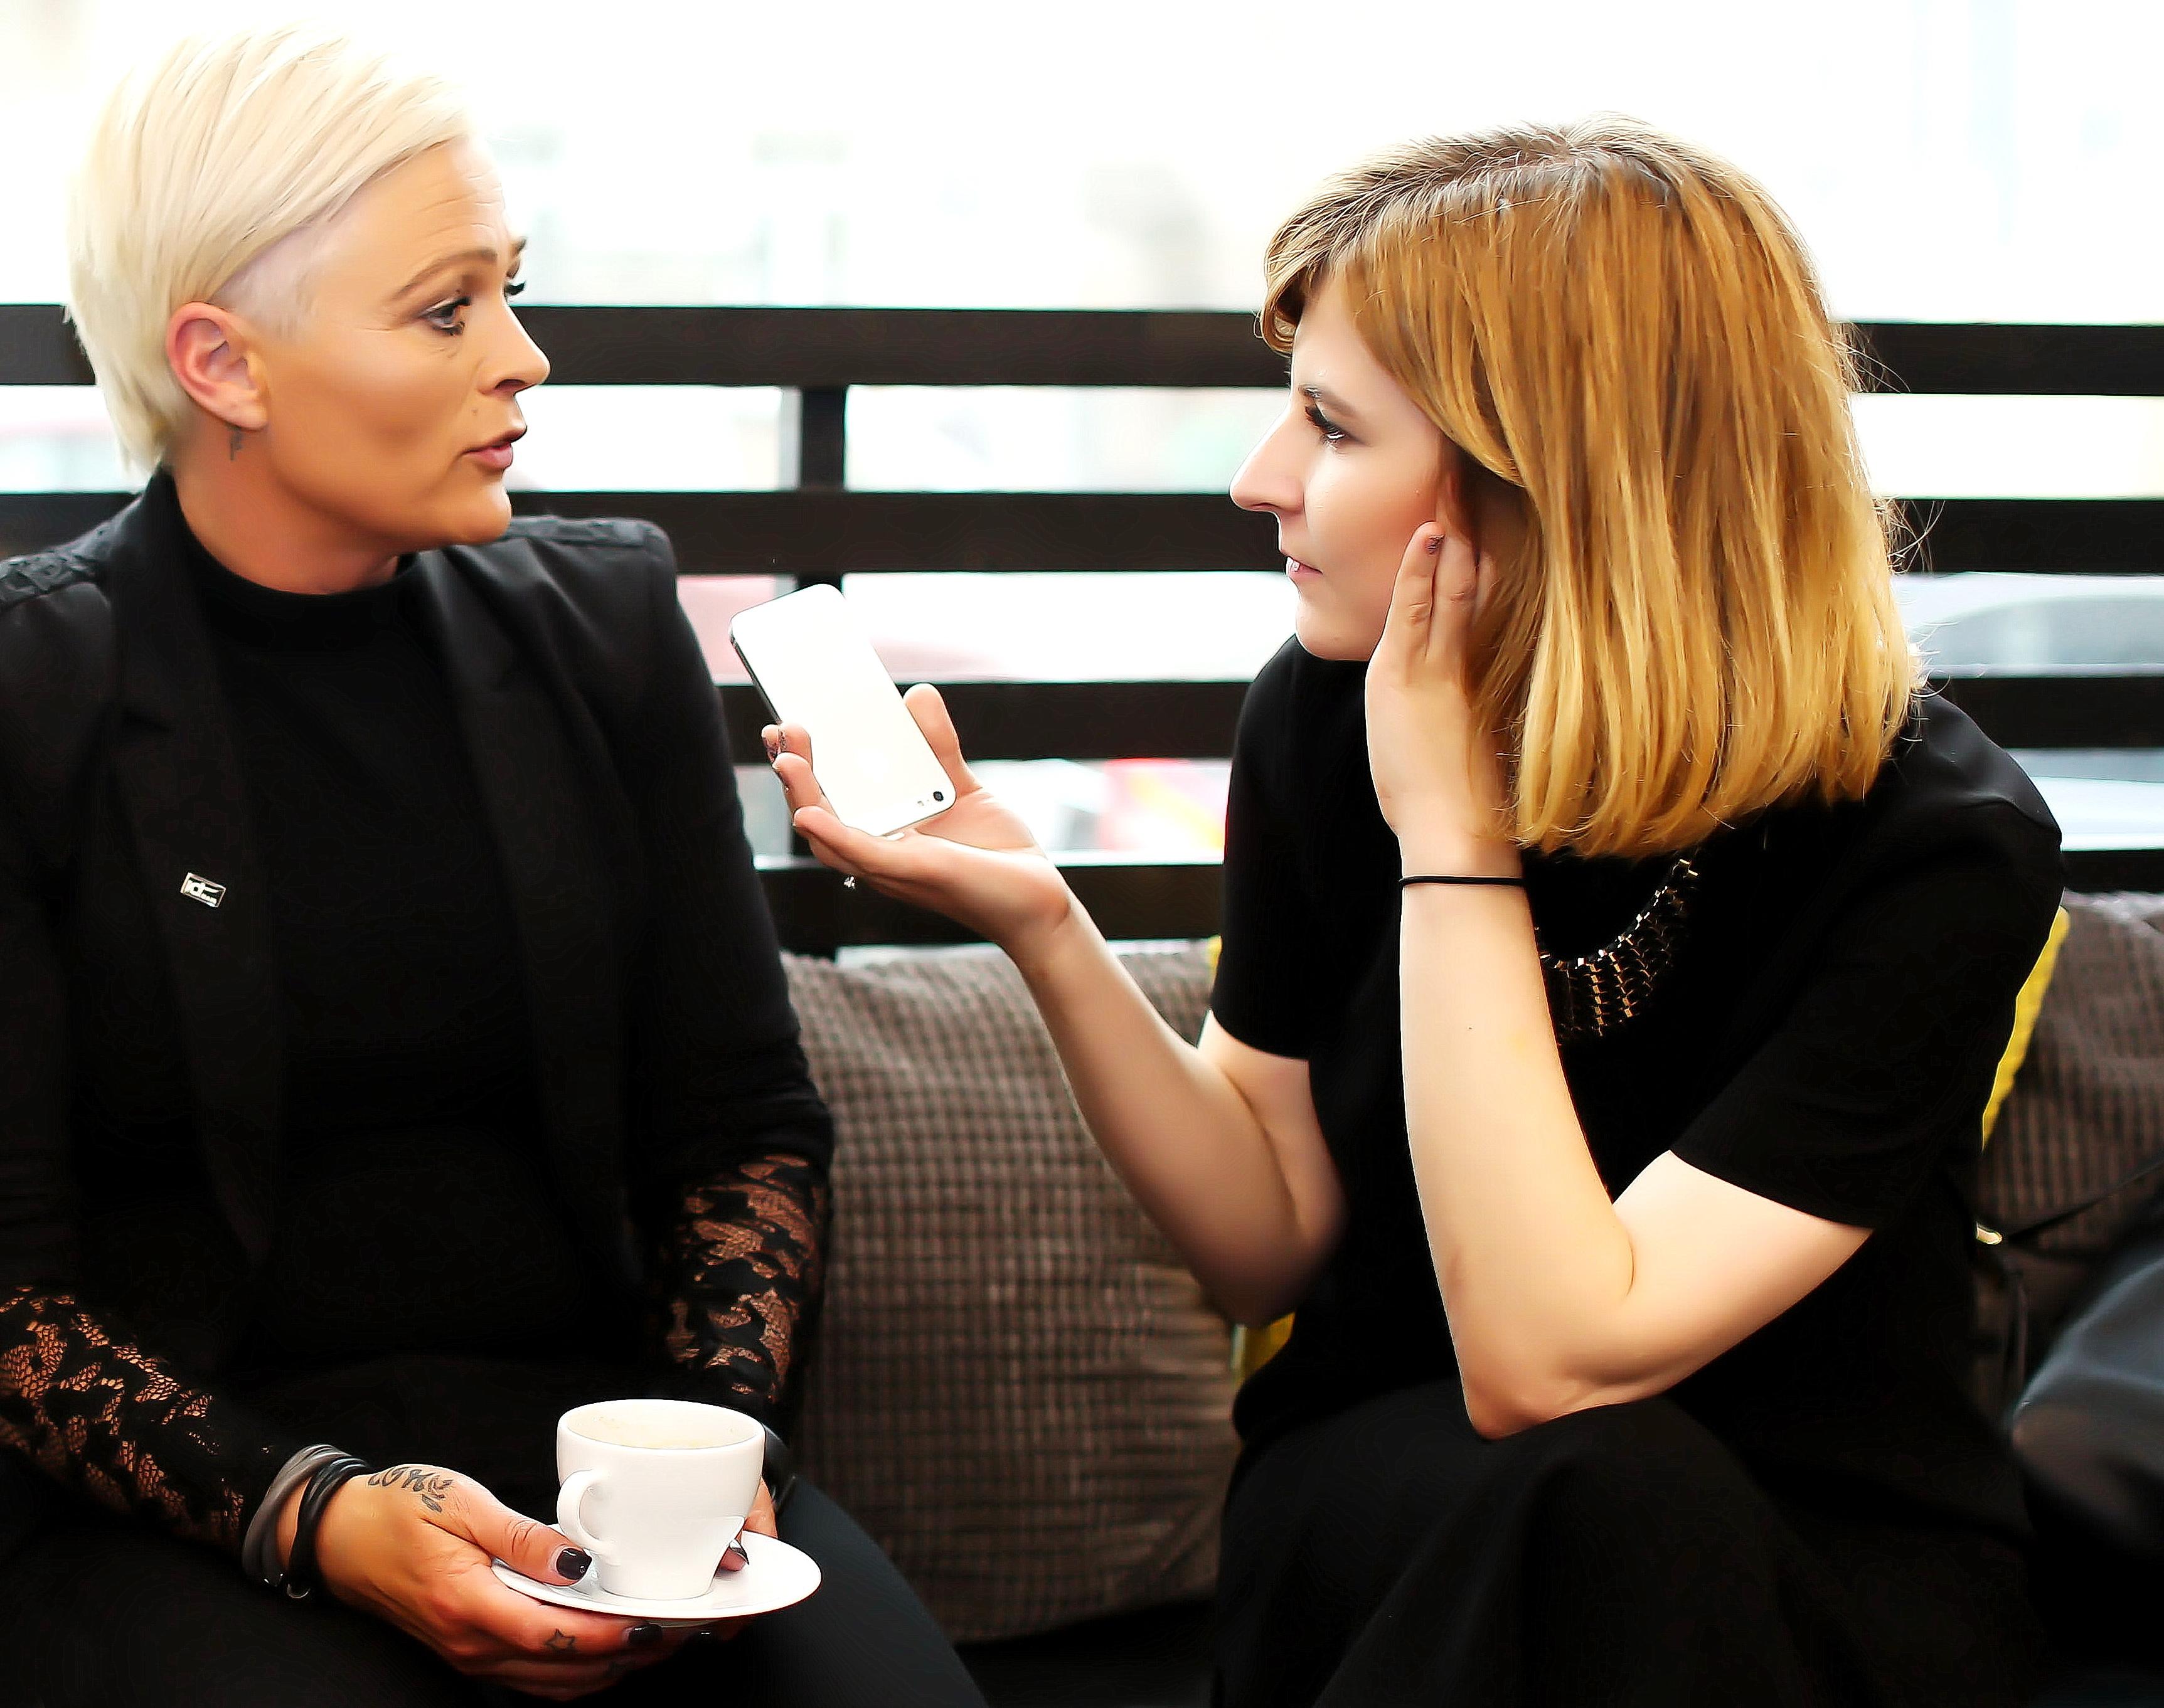 Интервью с Линдой Квебек Медсен, креативным директором IdHAIR